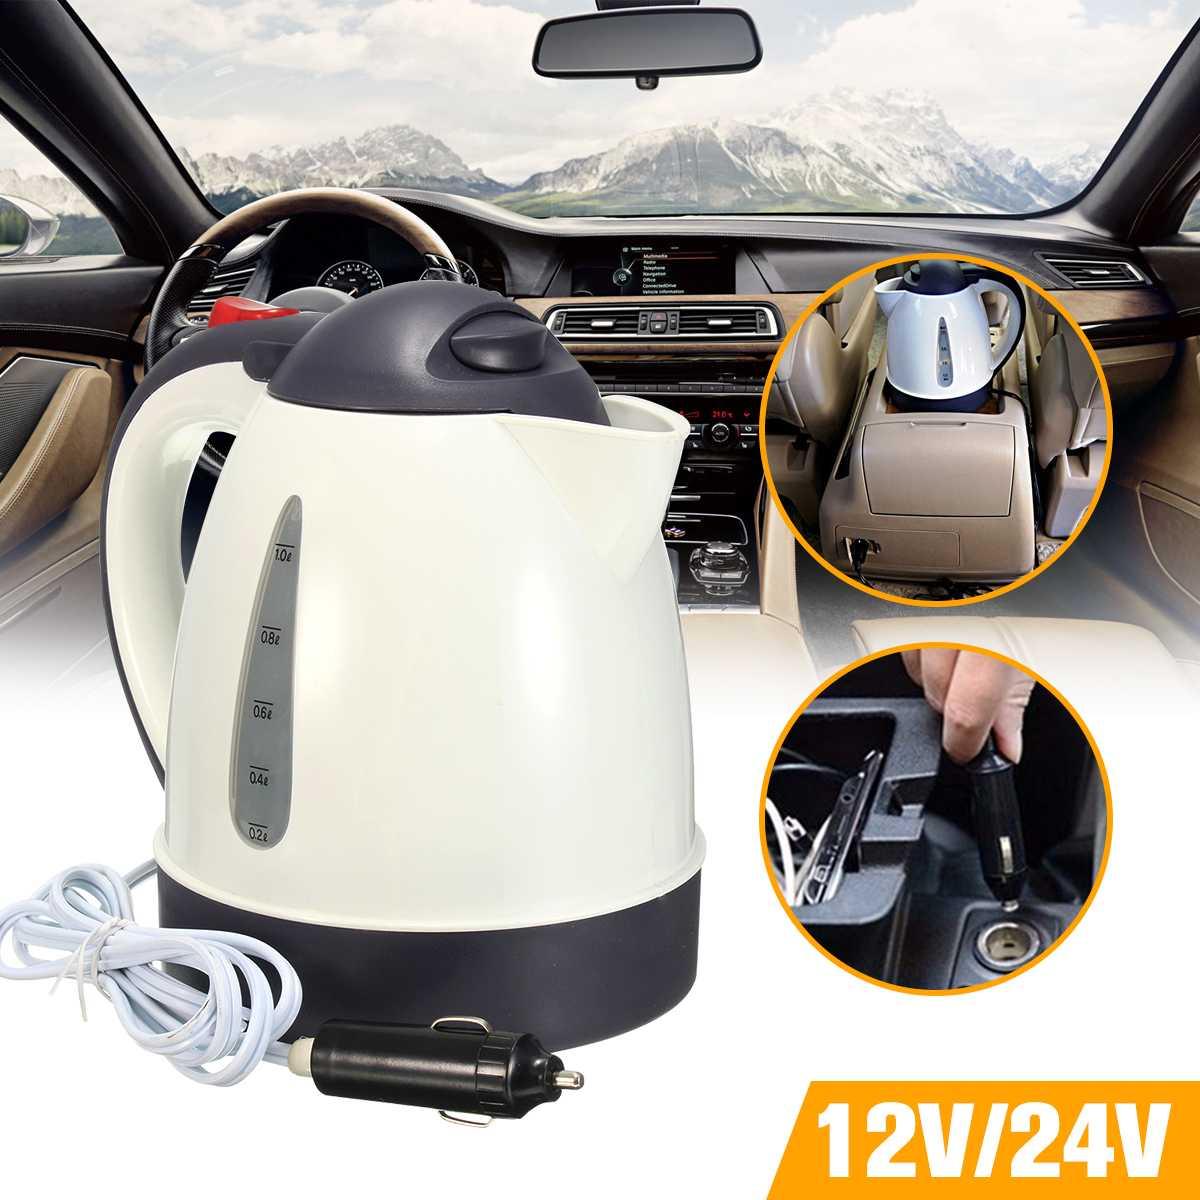 1000 ml 304 สแตนเลสกาต้มน้ำรถยนต์รถยนต์แบบพกพาเครื่องทำน้ำอุ่นอุ่นเครื่องปิ้งขนมปัง 12 V/24 V สำหรับก...